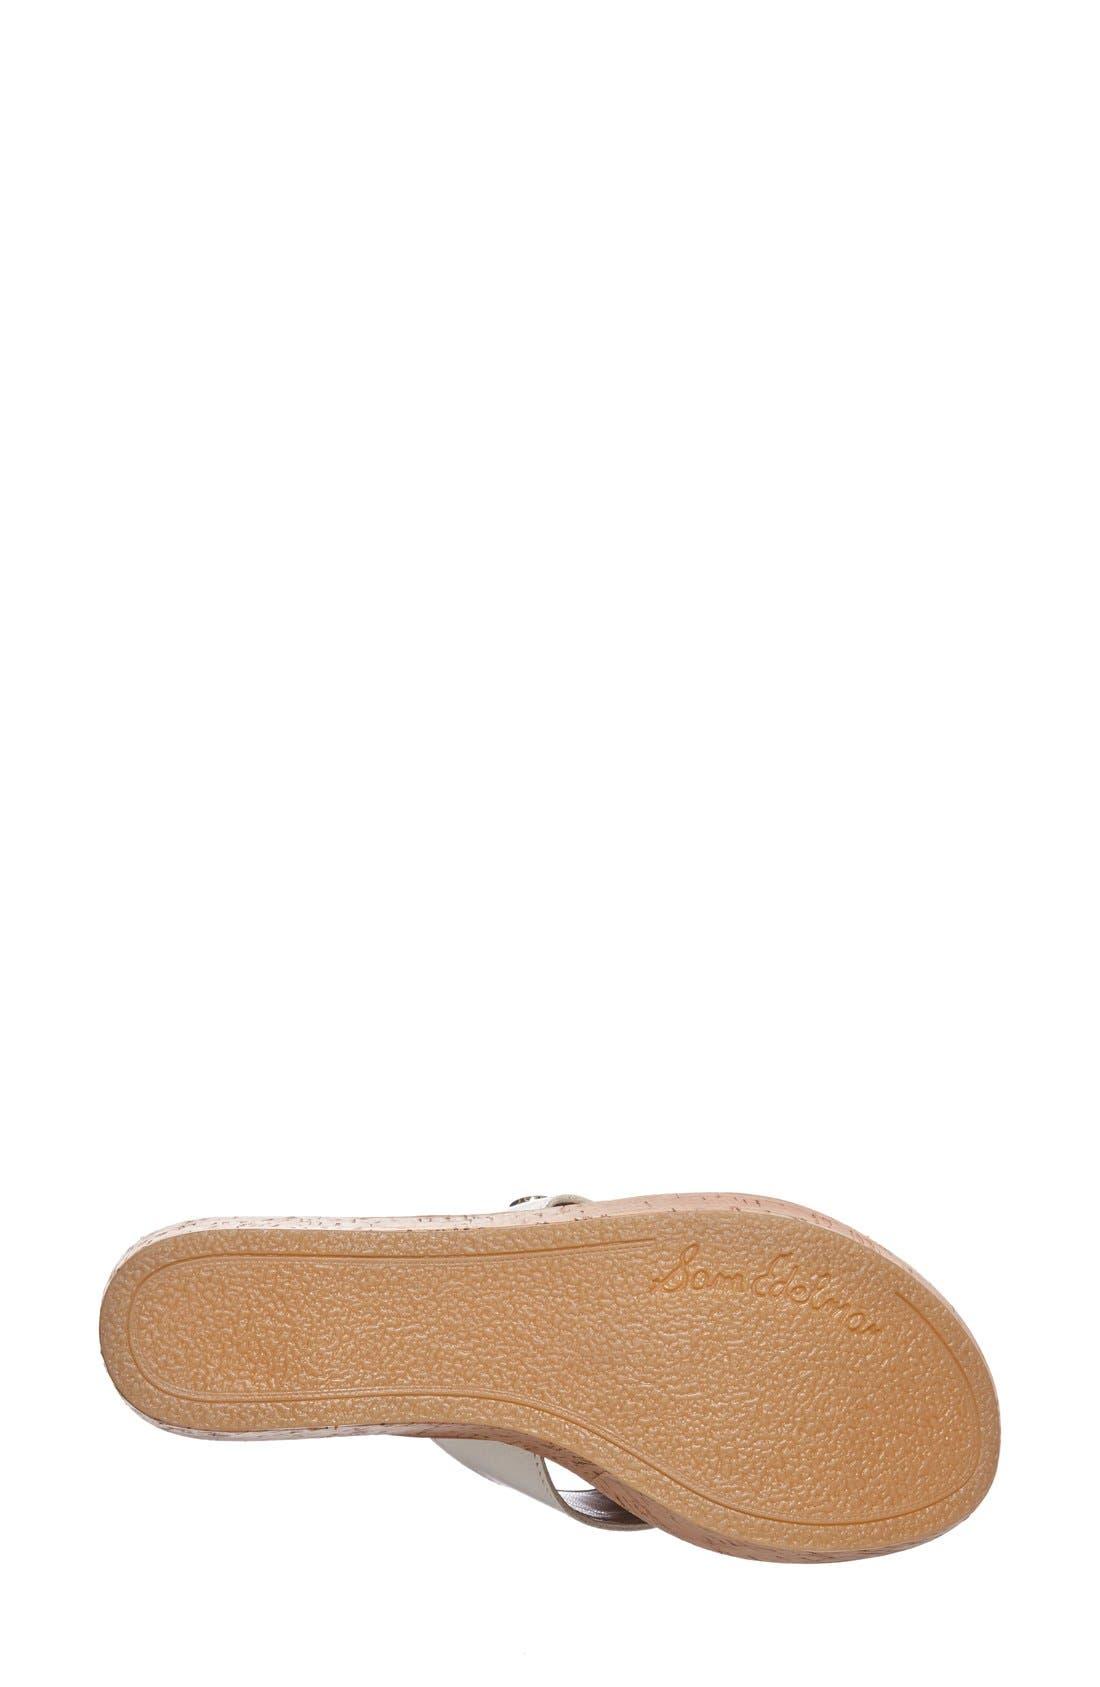 Alternate Image 4  - Sam Edelman 'Romy' Wedge Sandal (Women)